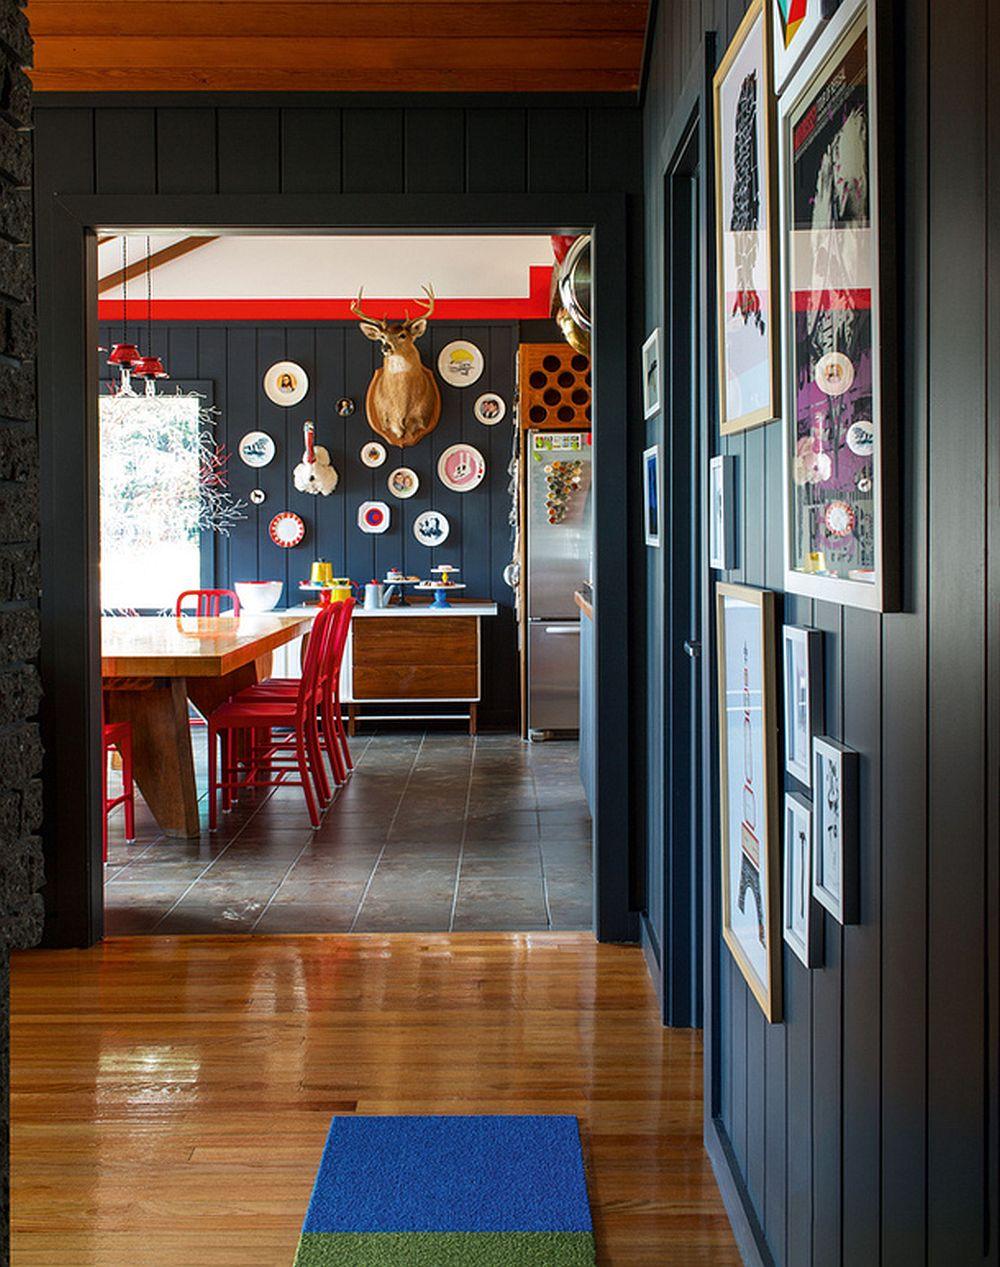 adelaparvu.com despre cabana cu interior colorat si piese de design, casa americana, designer Bradford Shellhammer, Foto Trevor Tondro (1)